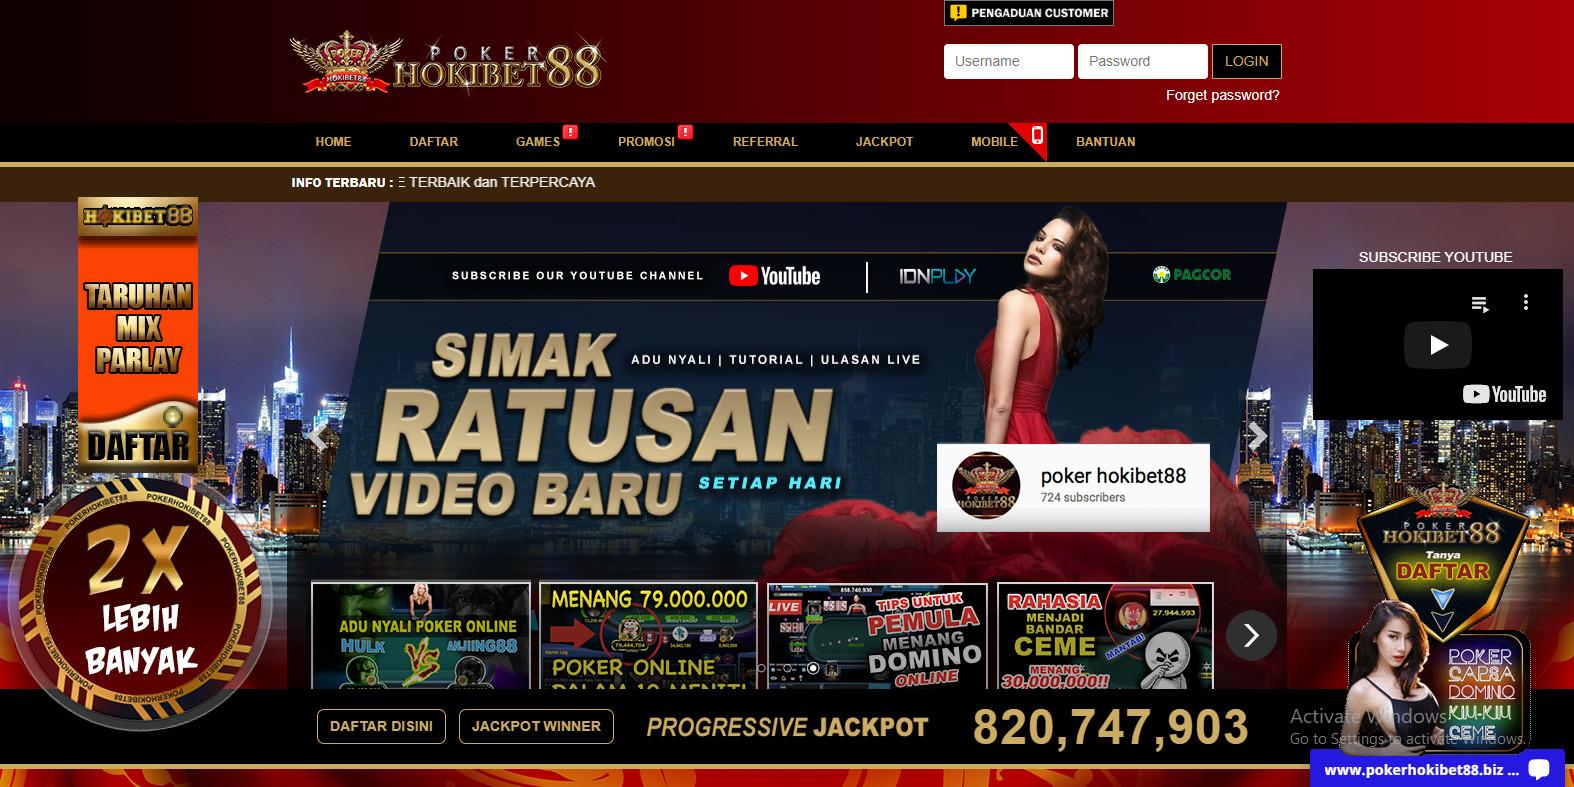 Pokerhokibet88 Link Alternatif Resmi Akun Id Pro Poker Online